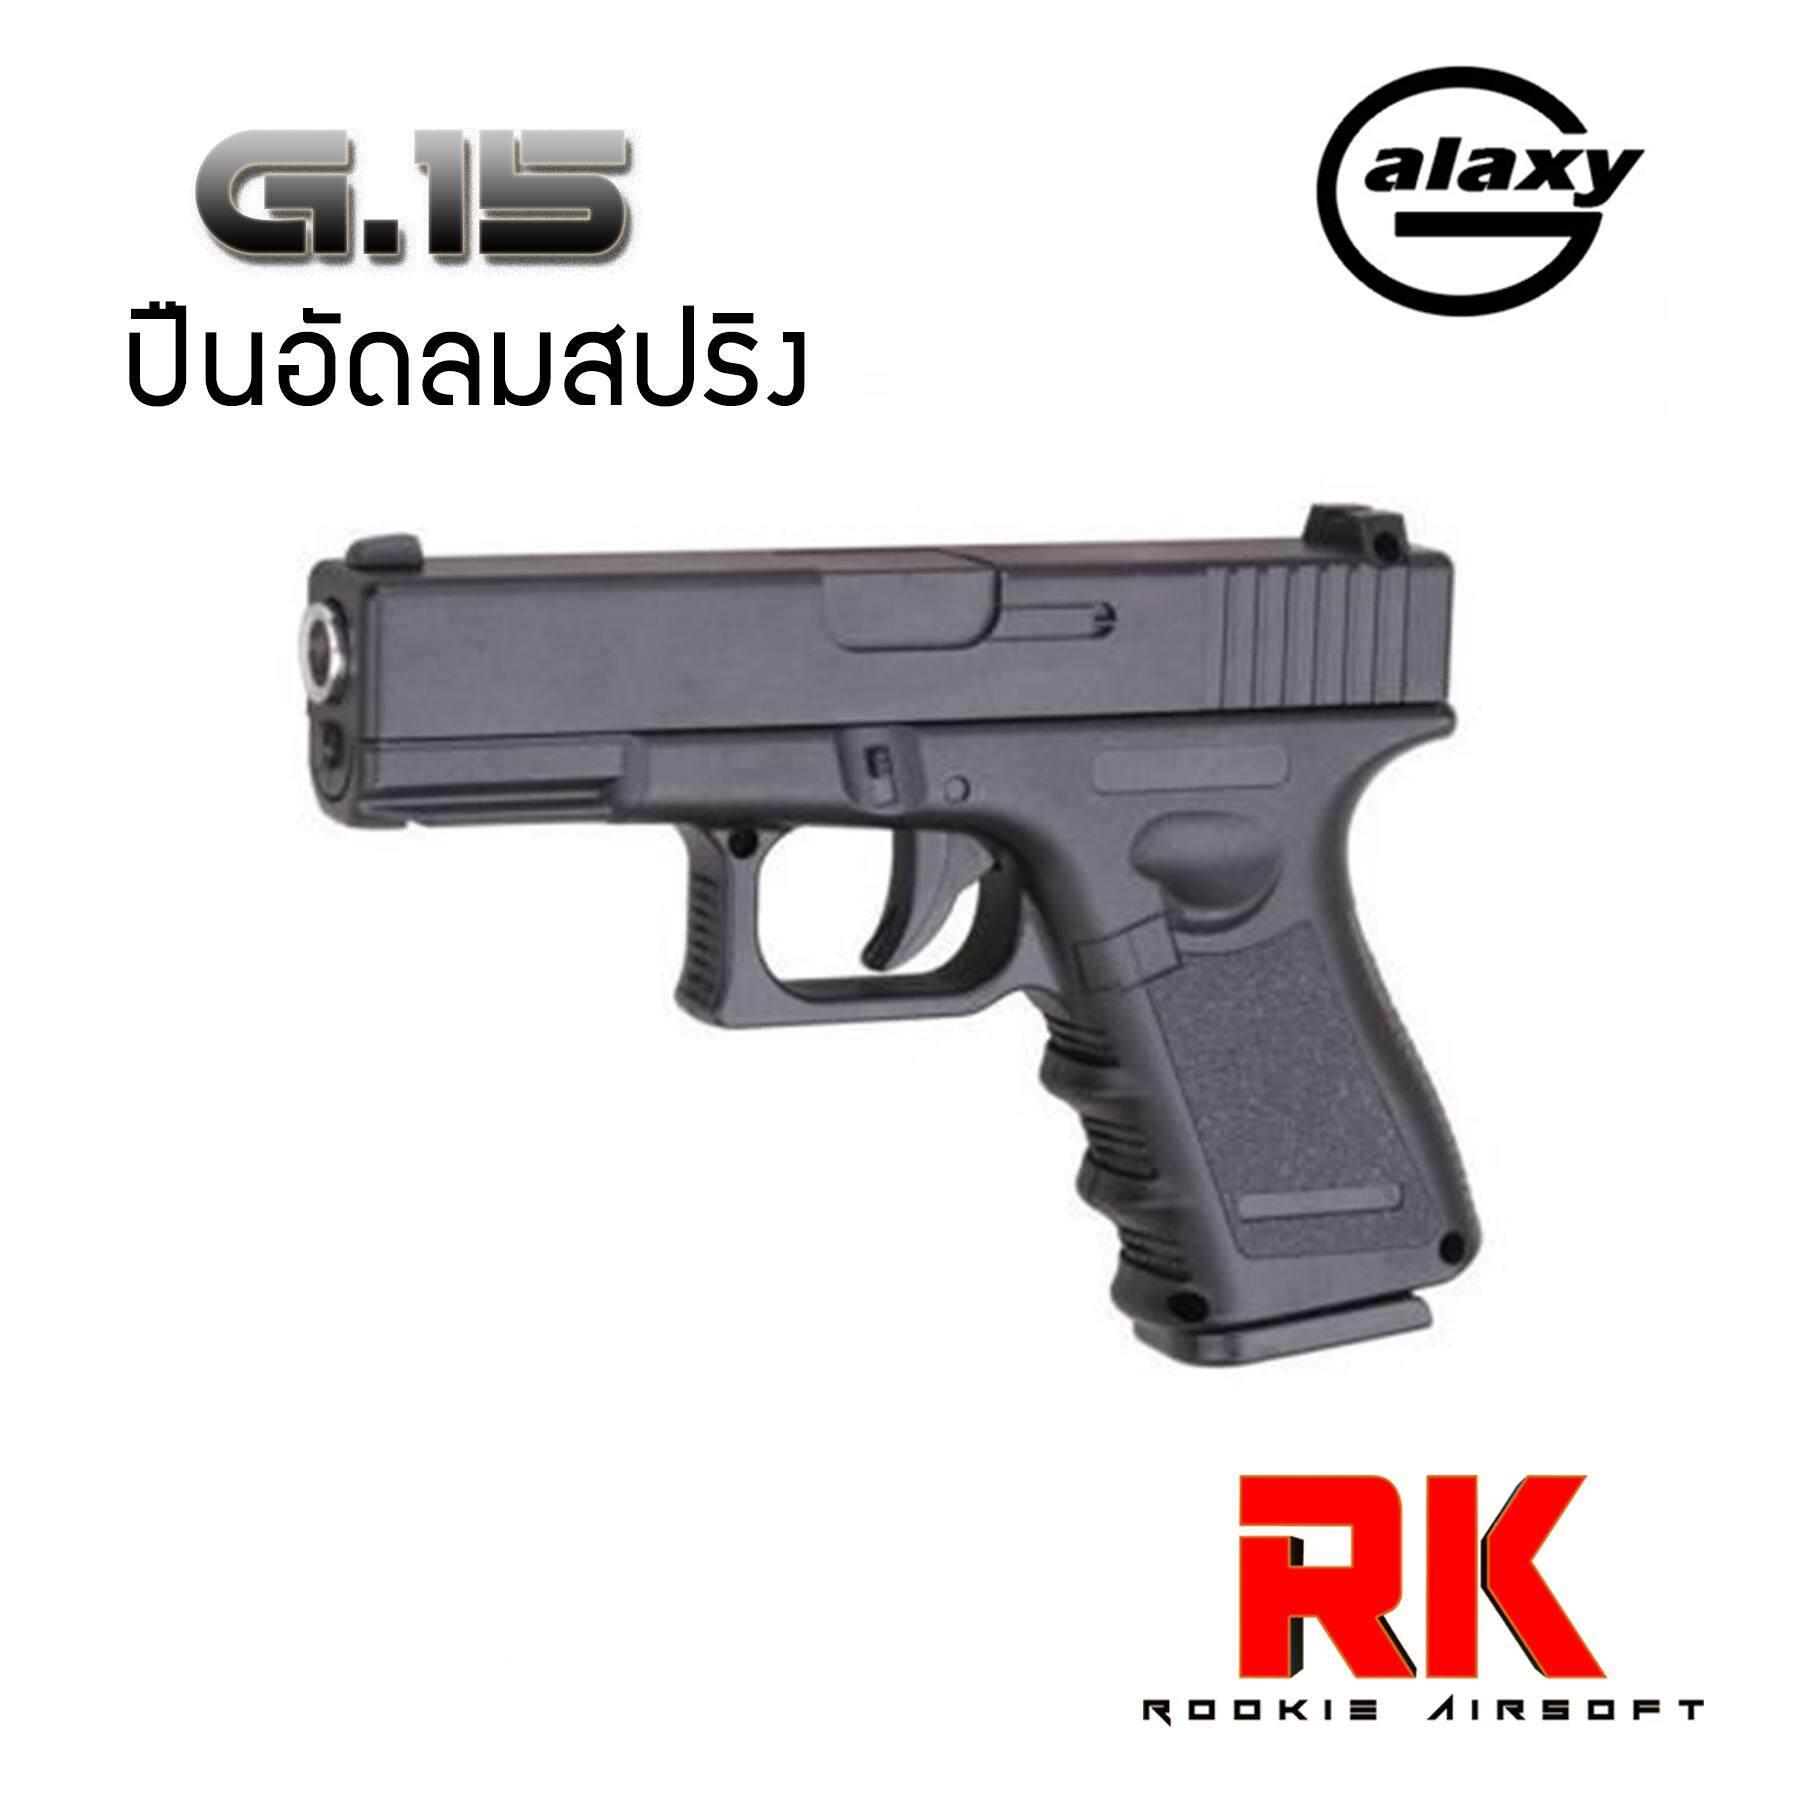 ปืนอัดลมสปริง Galaxy G15 ชักยิงทีละนัด แถมฟรี!! ลูกกระสุน 150 นัด วัสดุทำจากโลหะ สปริงแข็งยิงแรง ทนทาน ปืนของเล่น ปืนบีบีกันโมเดล ส่งไว เก็บเงินปลายทางได้